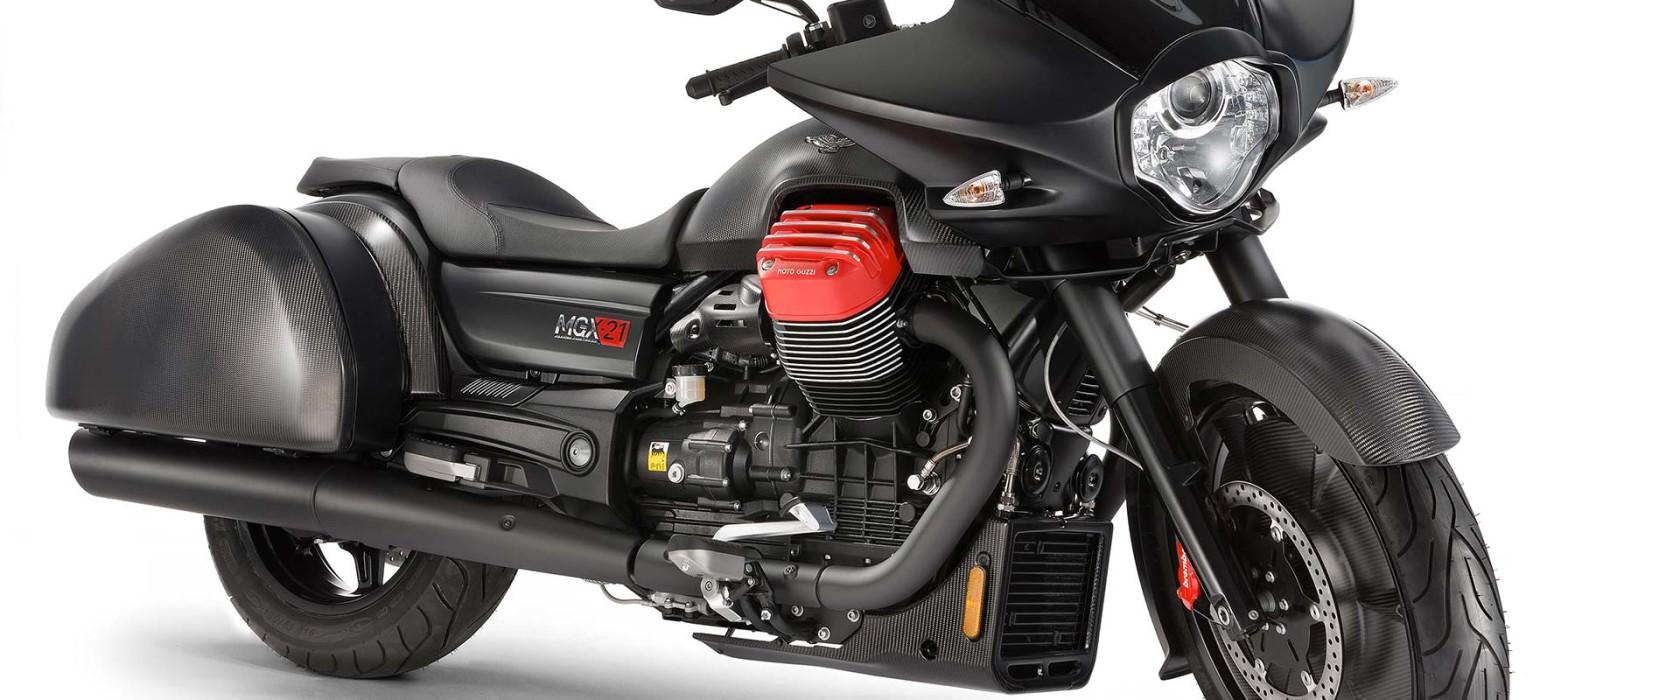 MotoGuzziMGX21-008